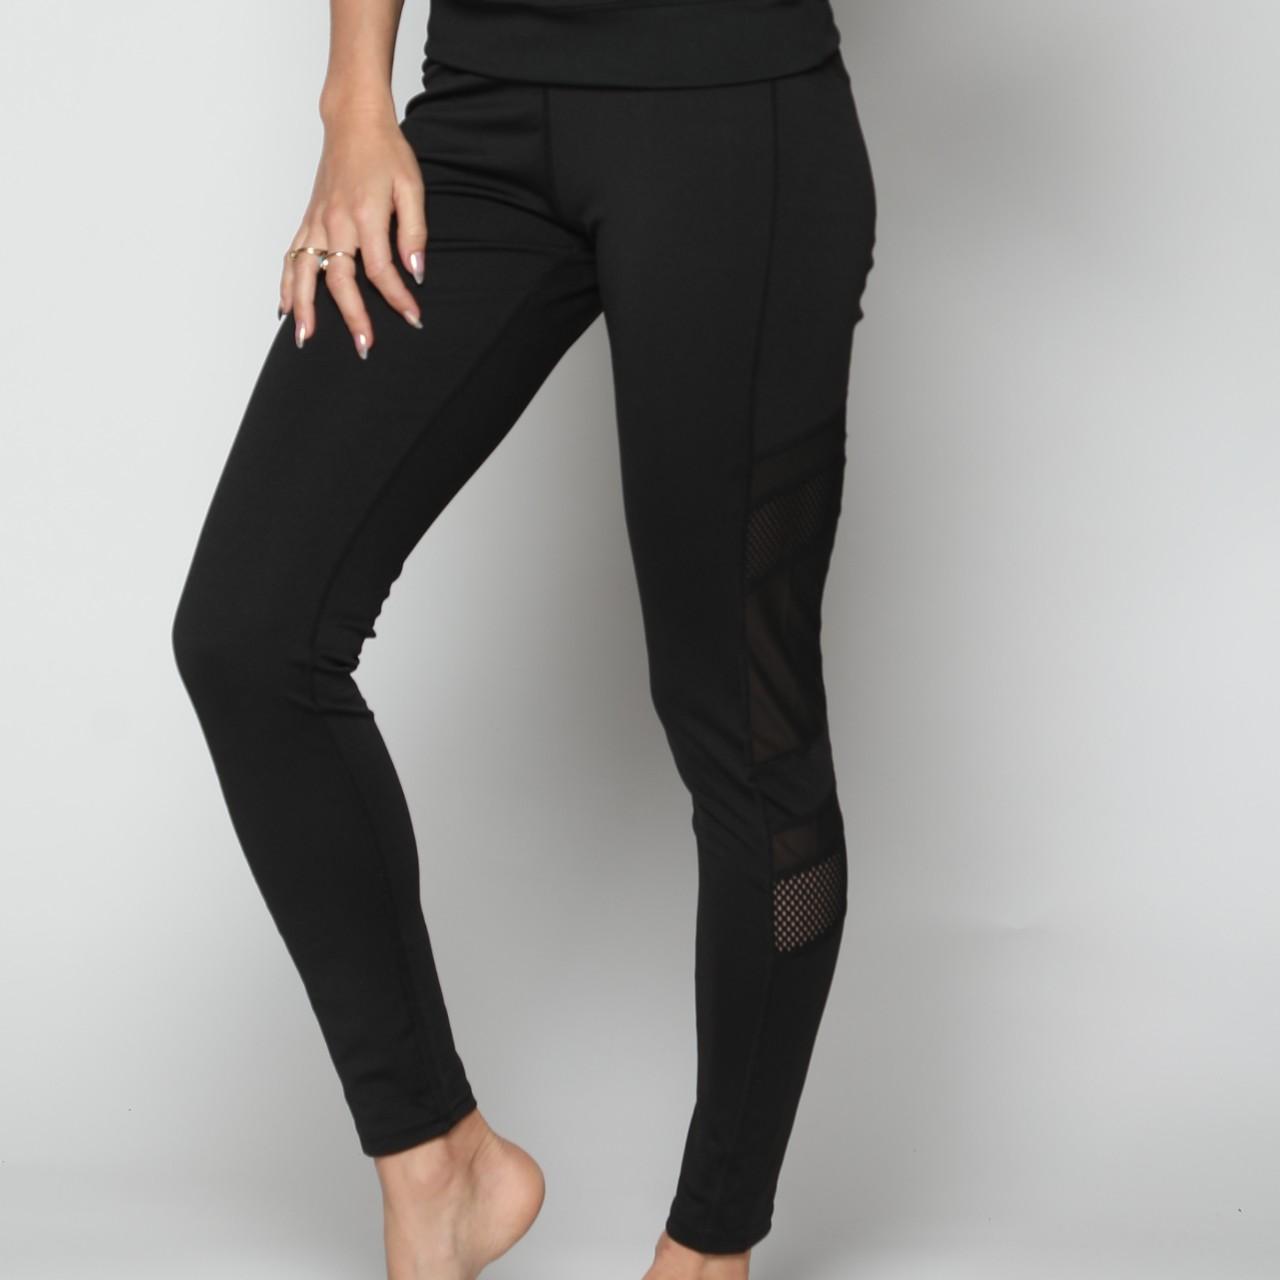 מכנס אקטיב נשים ארוך משולב רשת צד שחור